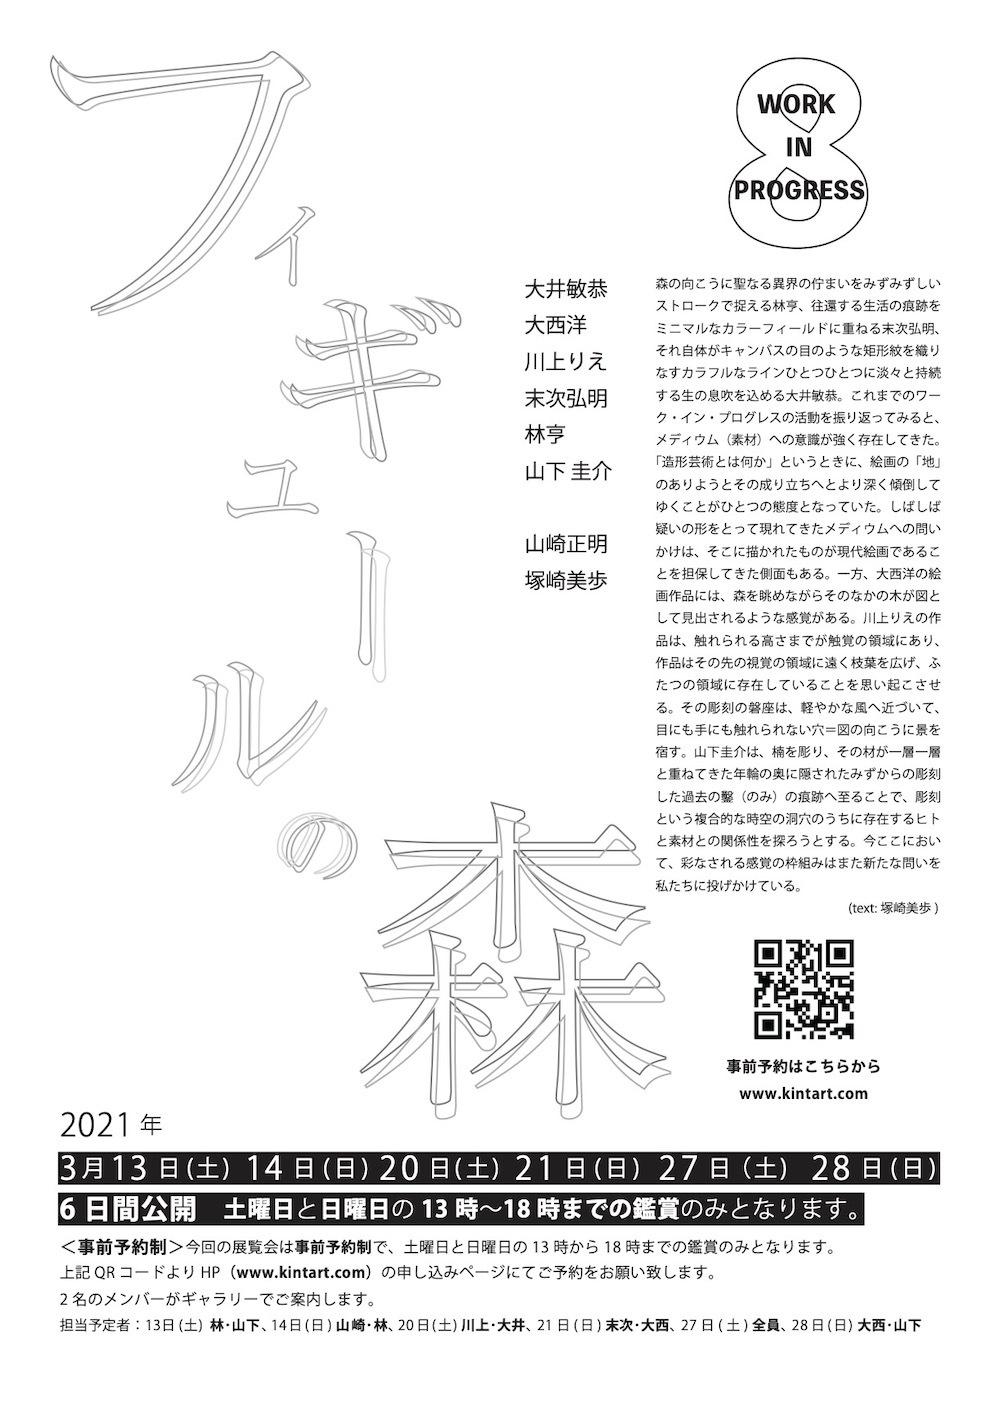 札幌でグループ展「フィギュールの森」を開催します。ぜひ、いらしてください。_b0068572_00060151.jpg